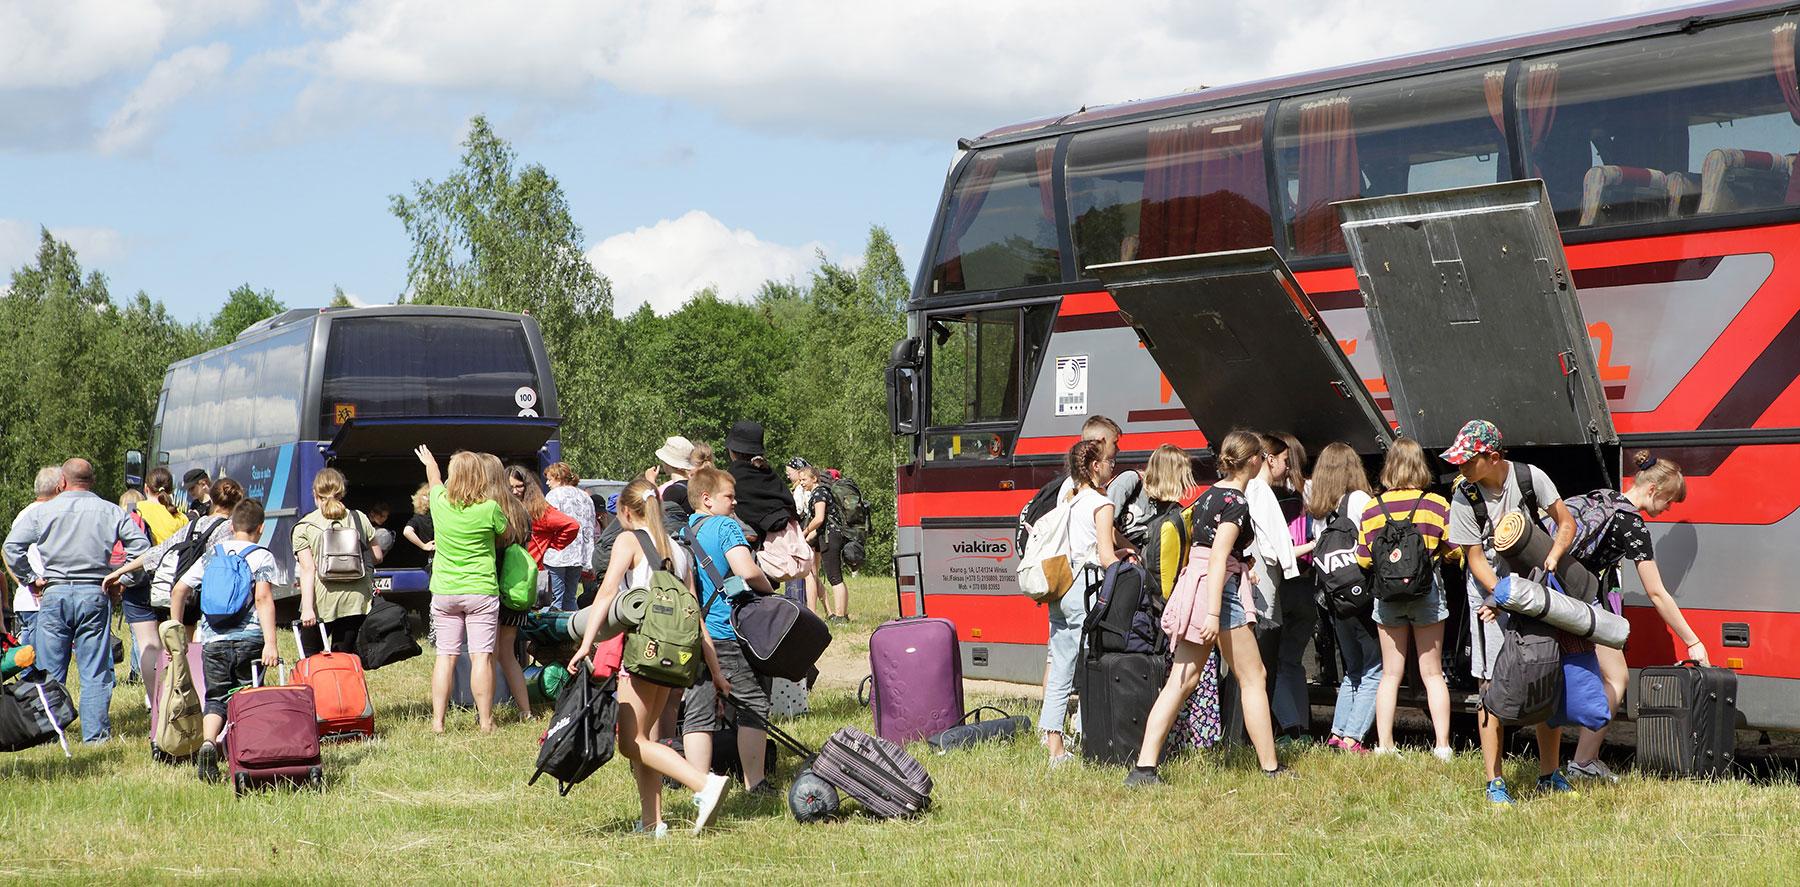 Jaunieji turistai atvyksta į stovyklą